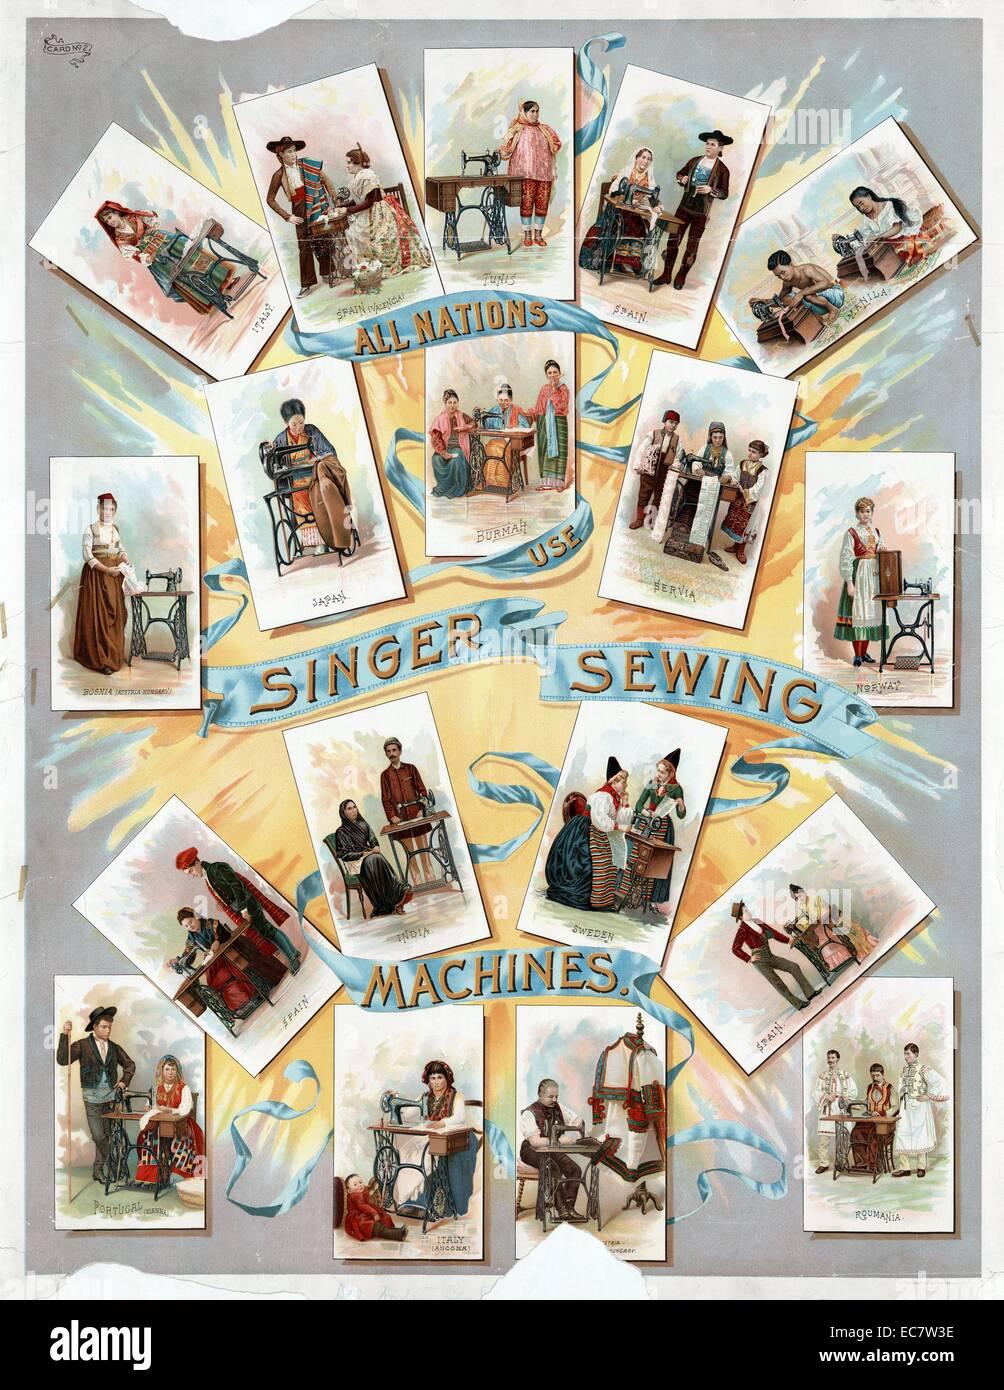 vecchie macchine da cucire cantante datazione 32 incontri 23 anno vecchio